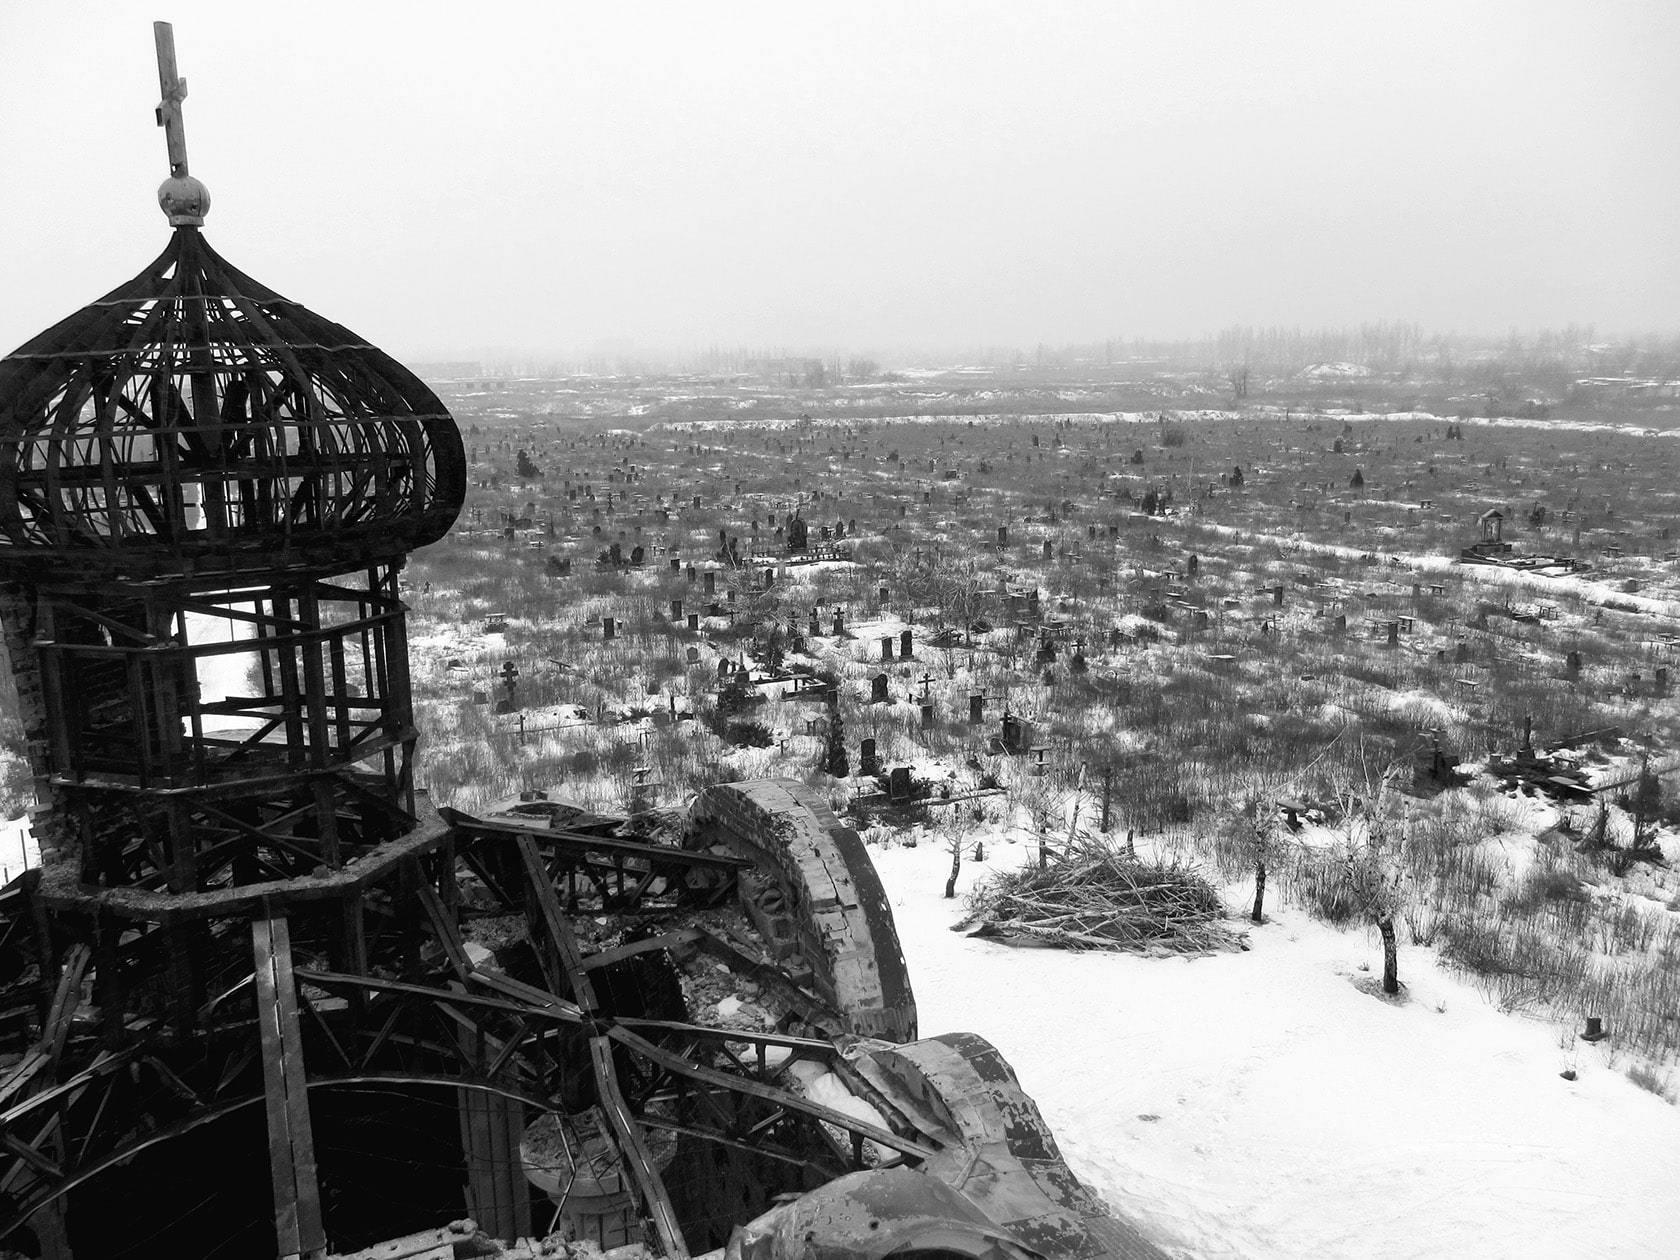 Храм в честь Иверской иконы Божией Матери, Иверский монастырь, Донецк